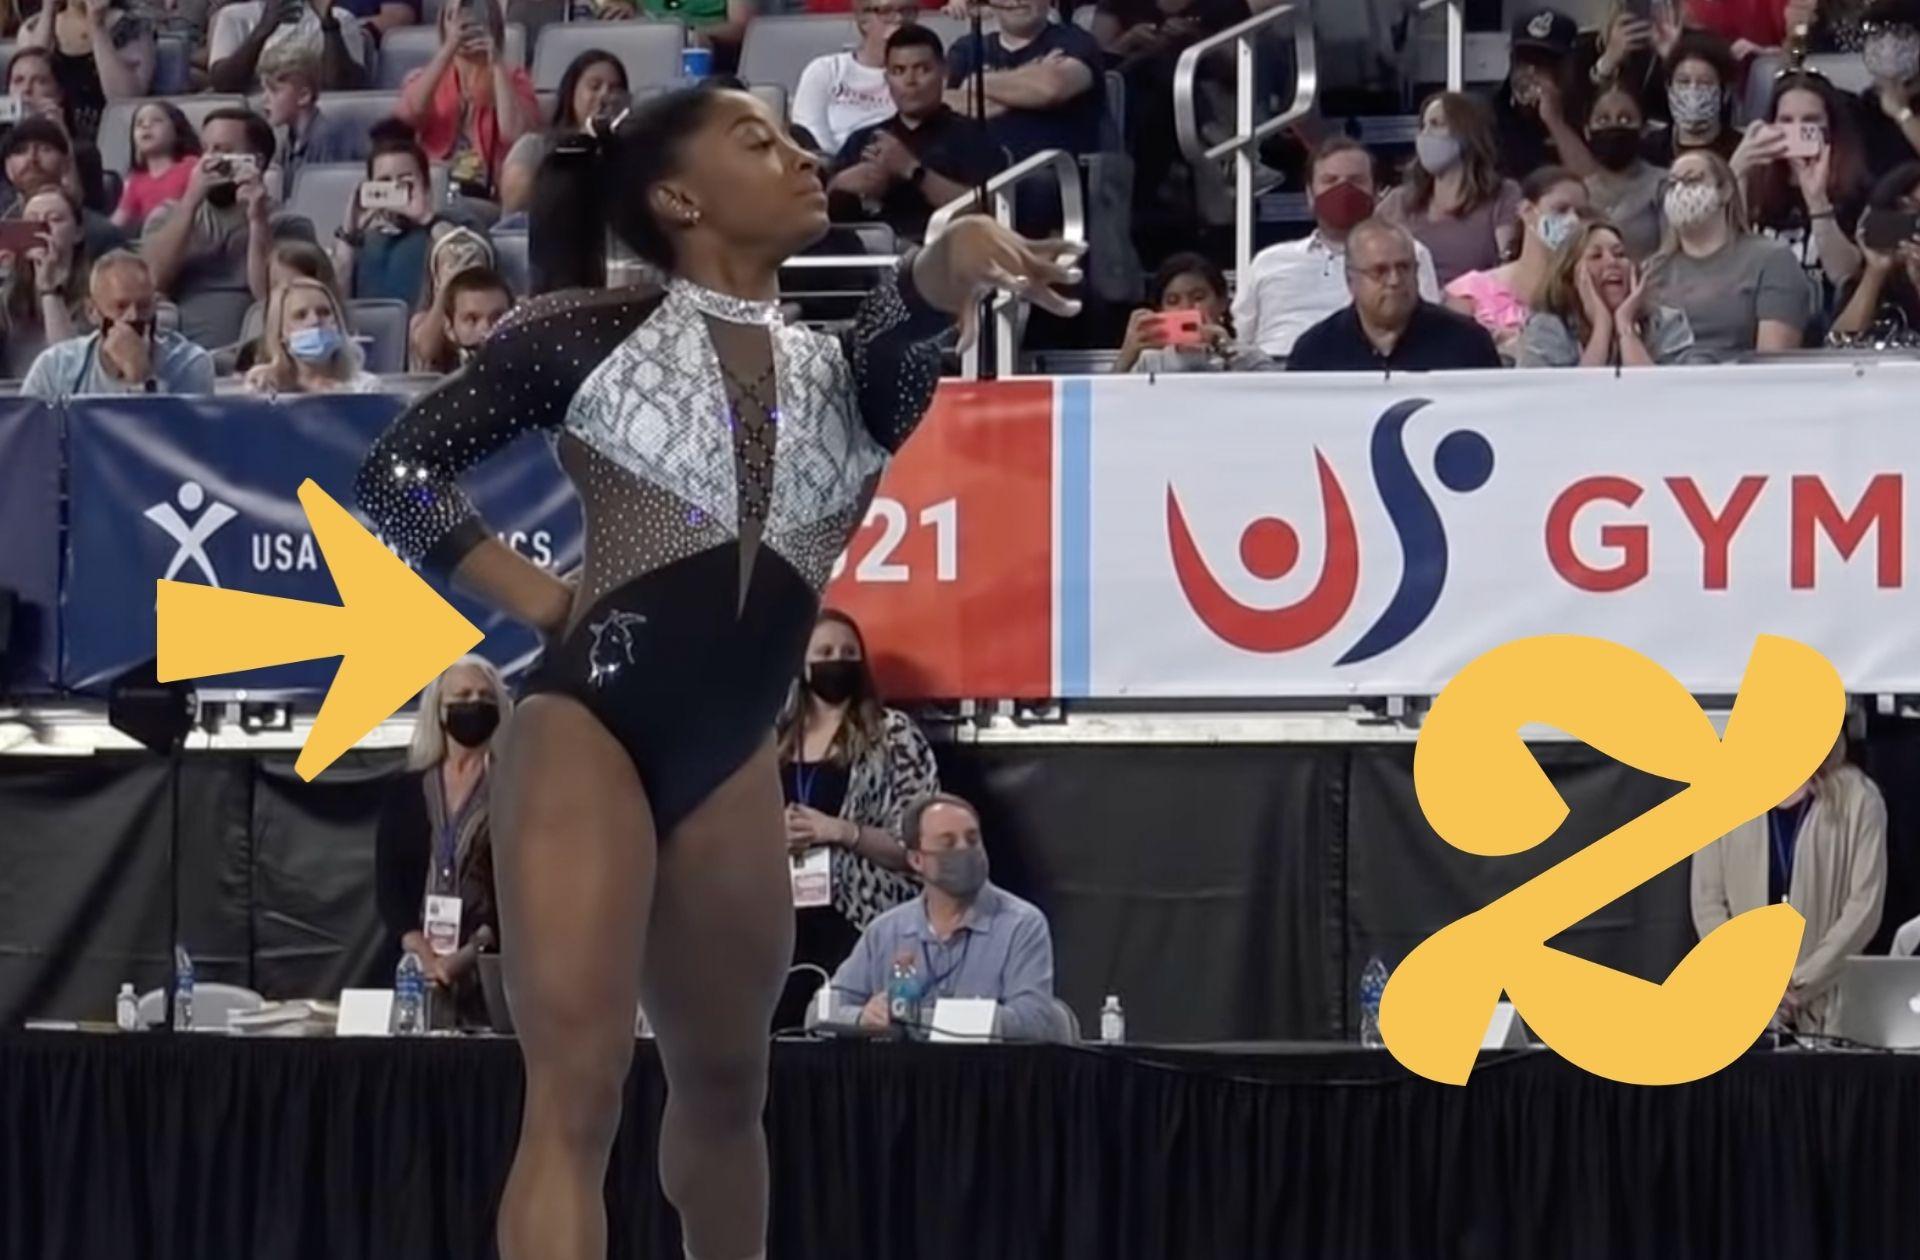 Simone Biles arbore des chèvres sur ses tenues de gymnastique